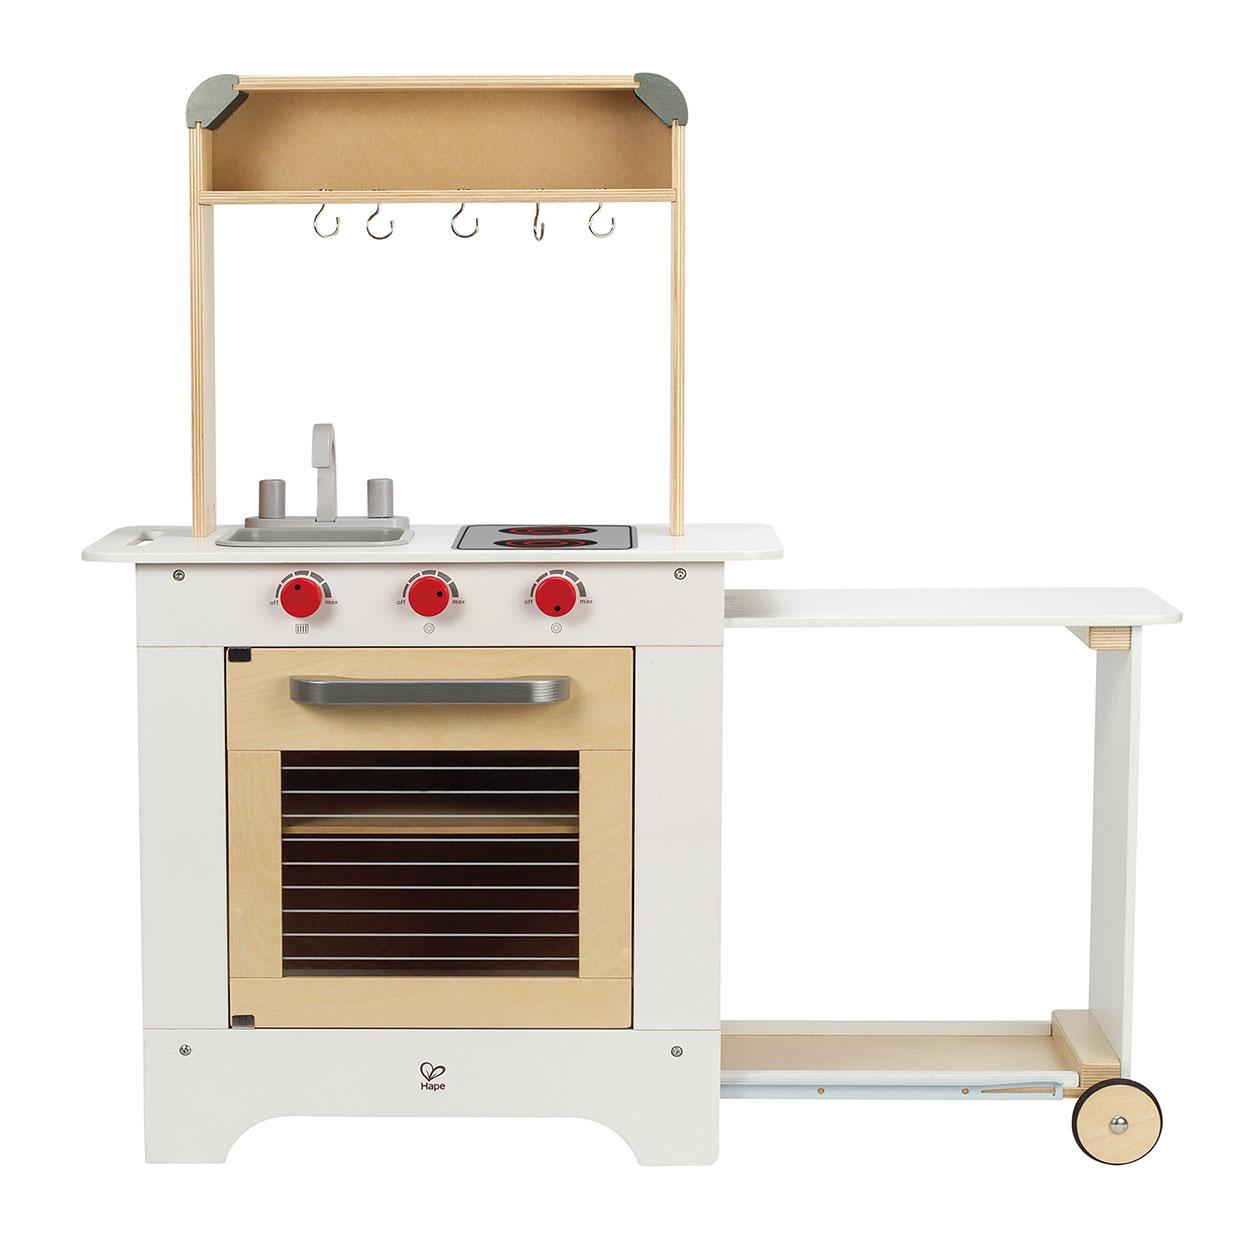 Krijtbord keuken kopen – atumre.com